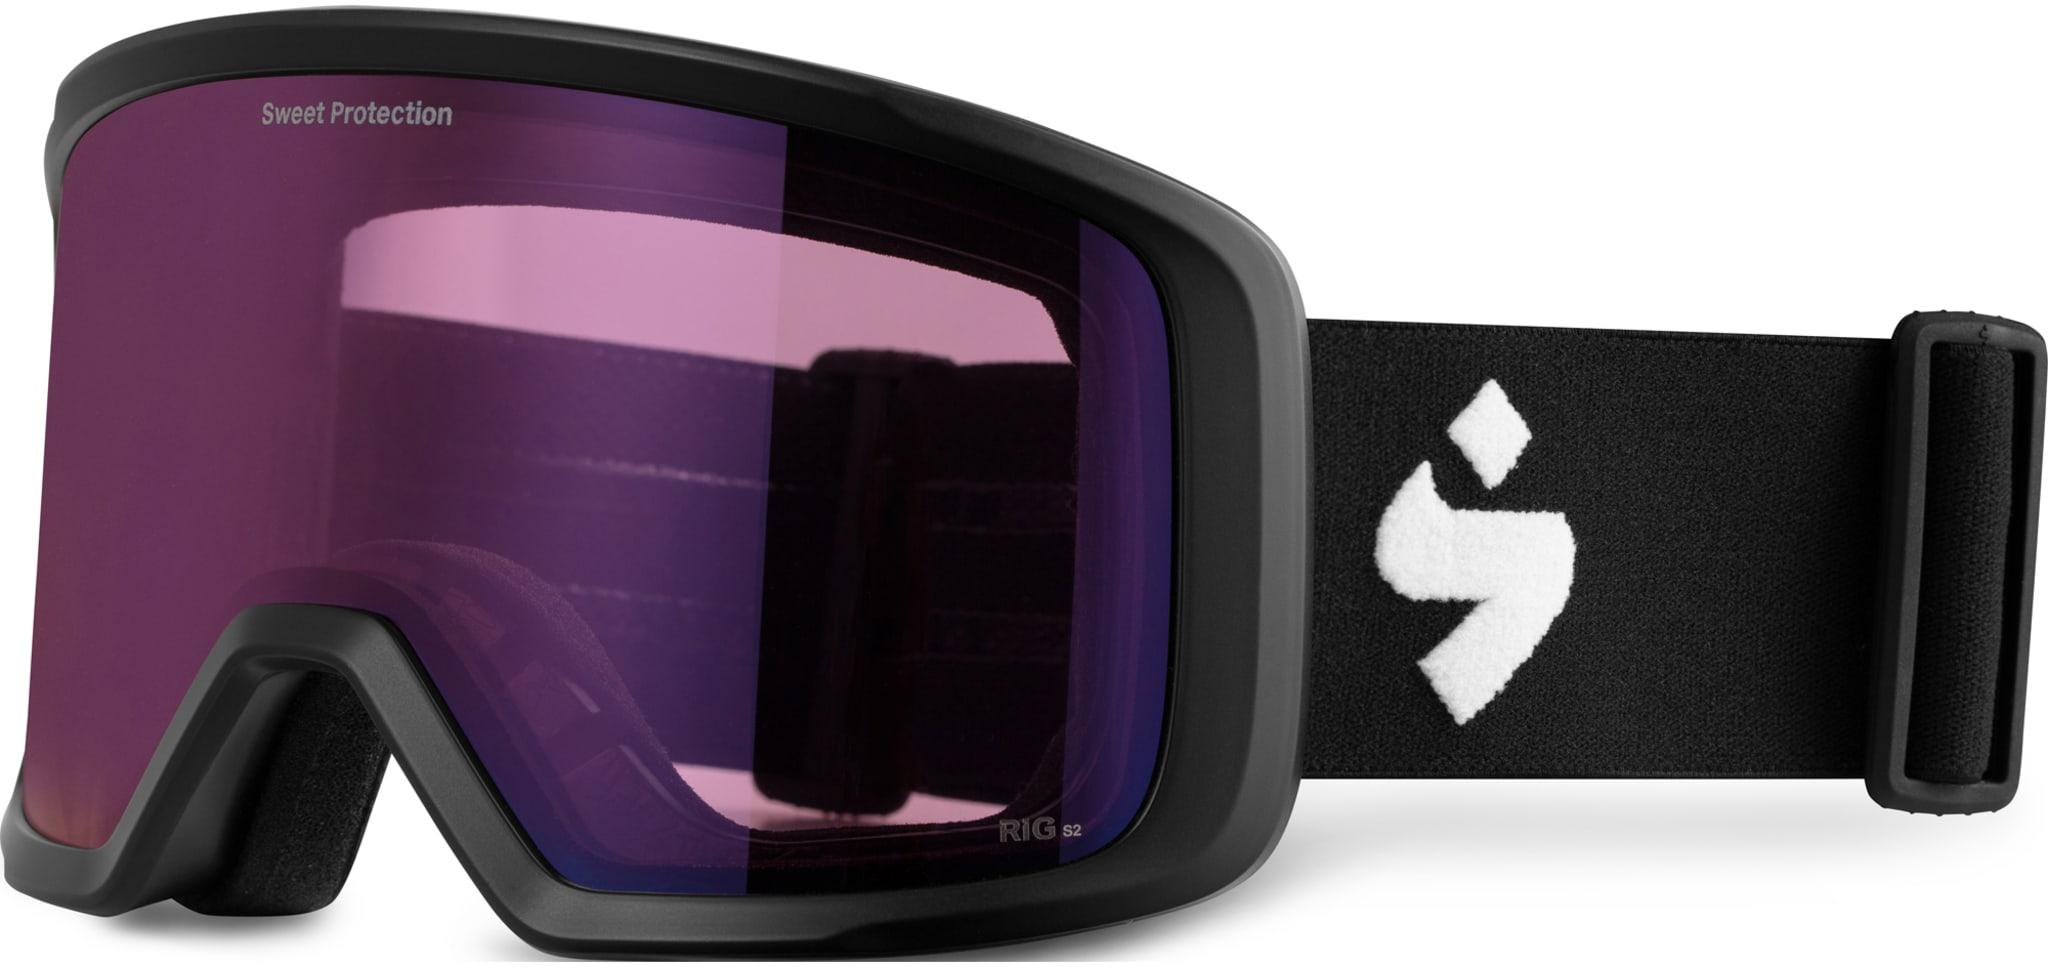 Stilig brille med sylindrisk utforming og RIG glass